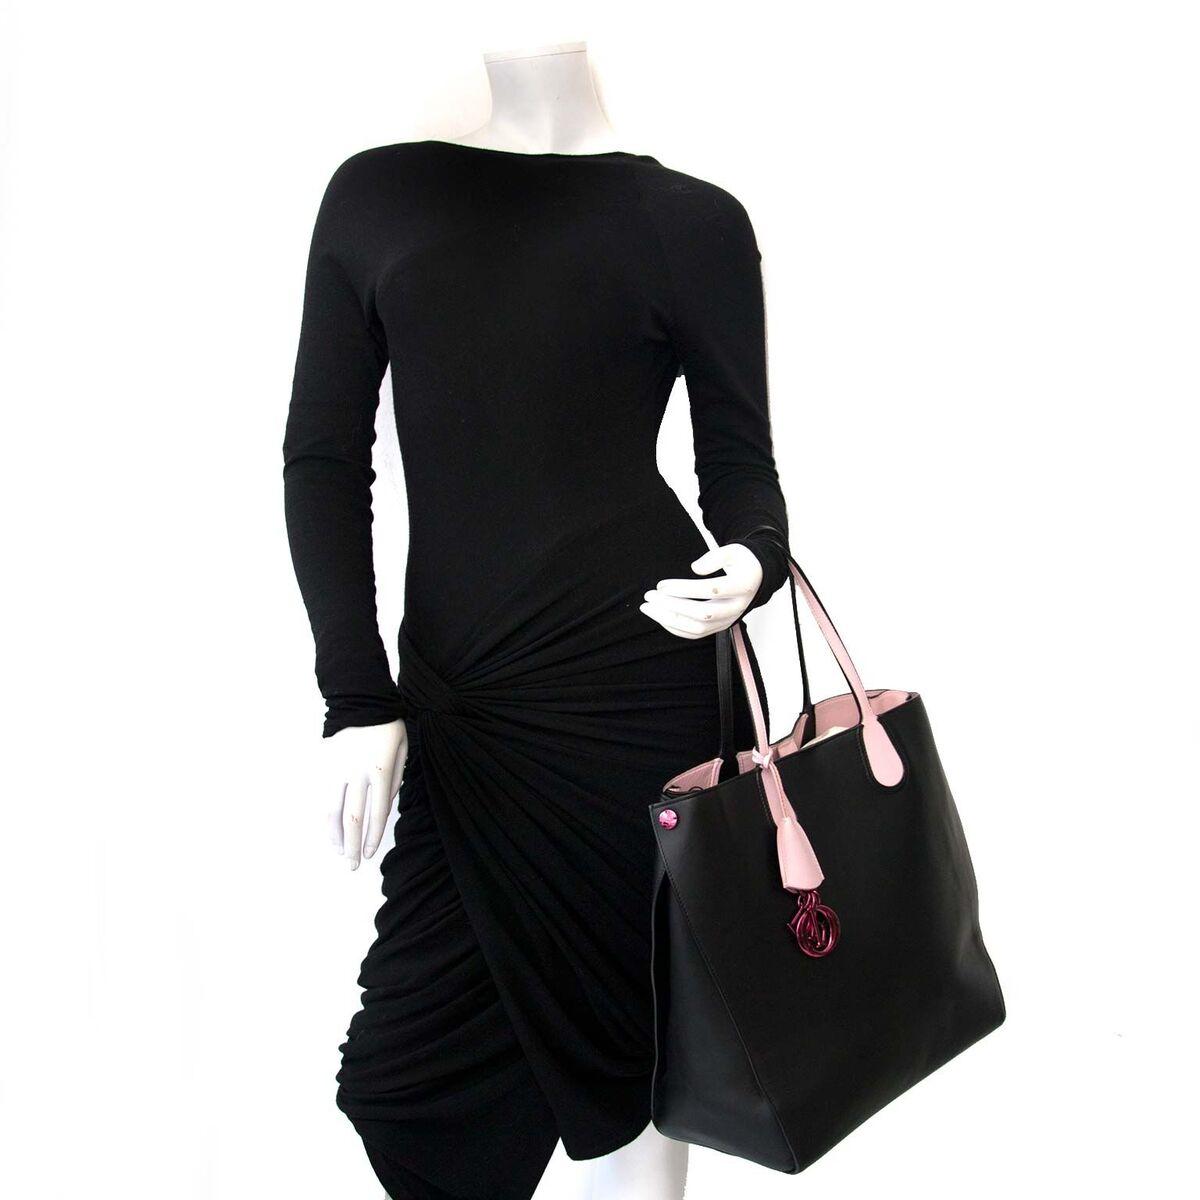 Kaufen Sie authentische Second Hand Dior Black und Pink Tasche zu einem fairen Preis bei LabelLOV. Sicheres Online-Shopping.